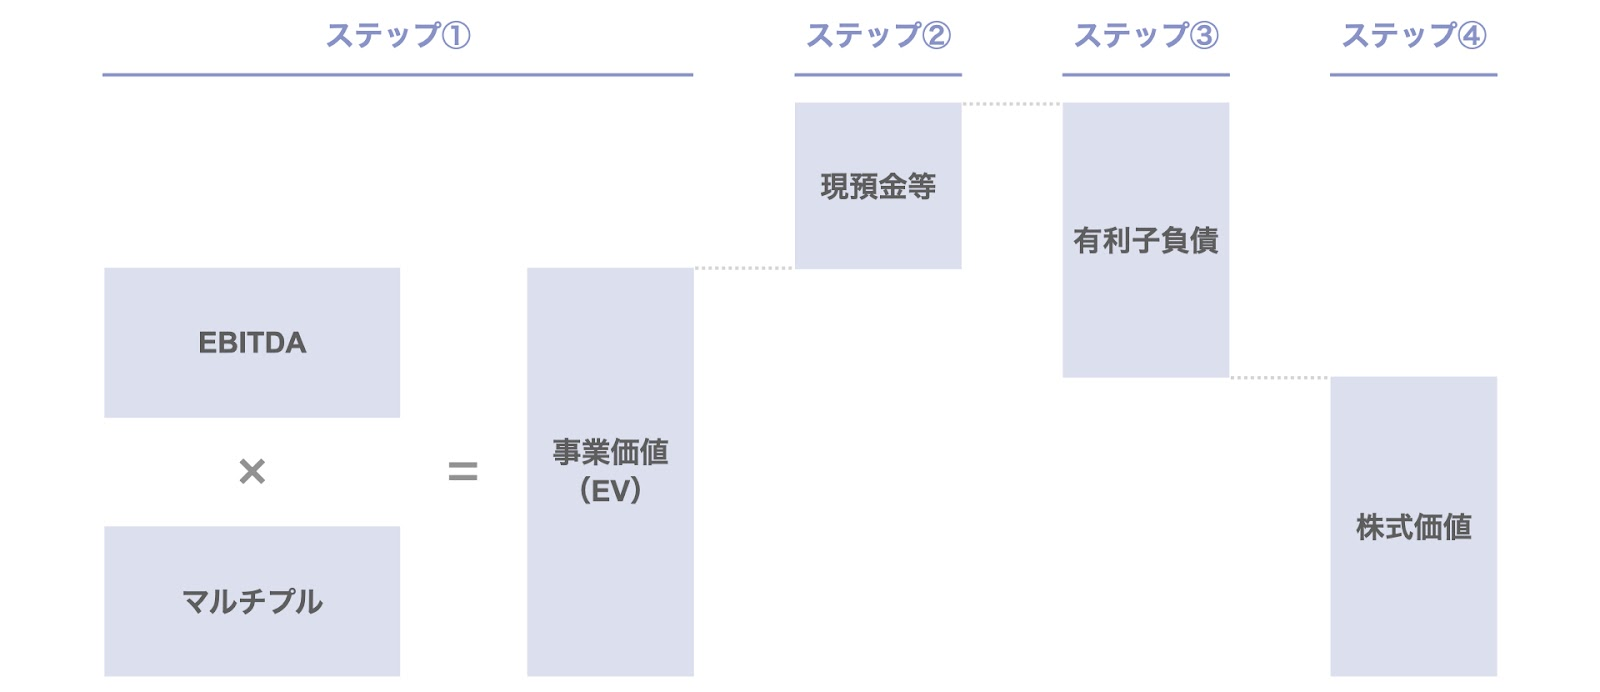 マルチプル法(EV/EBITDAマルチプル法)の概要